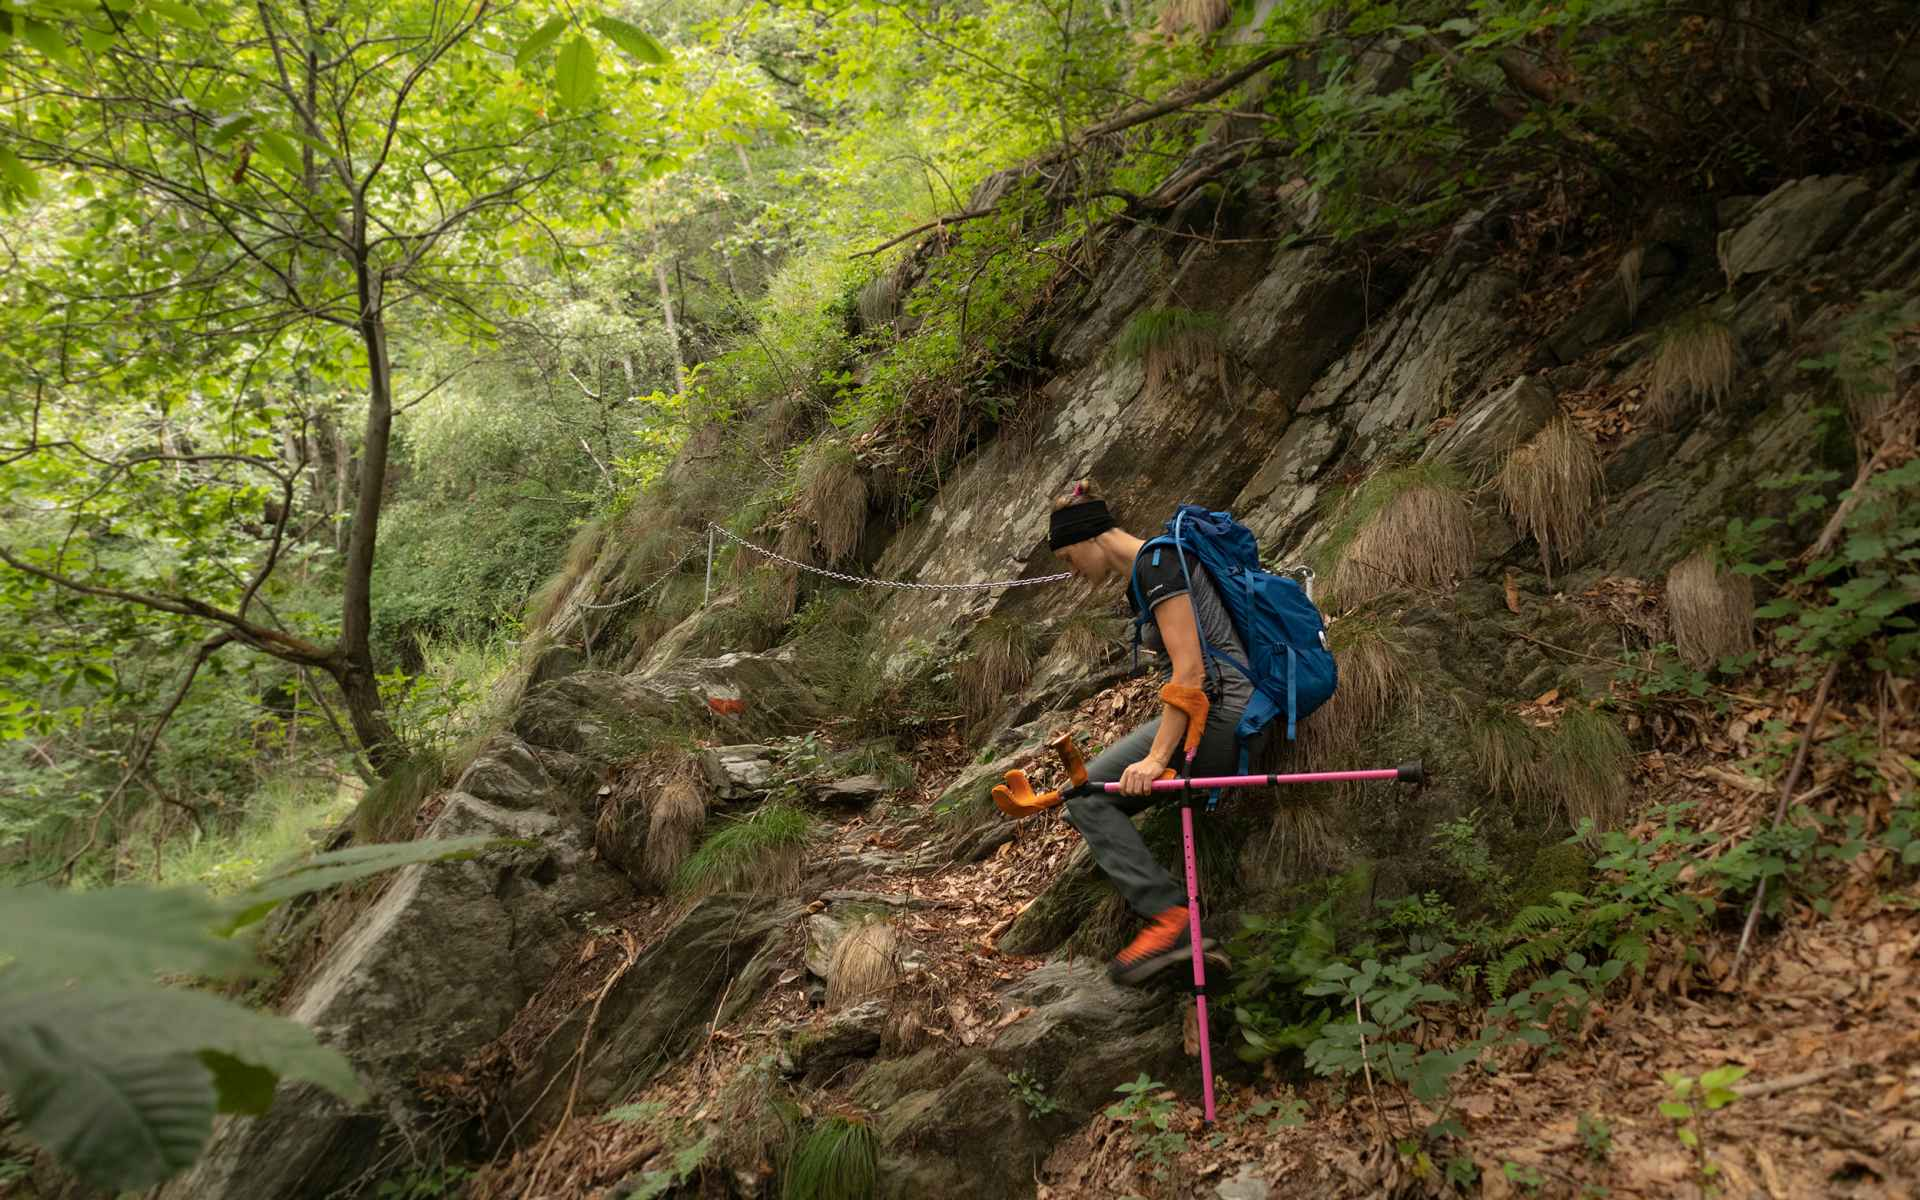 Il sentiero conduceva su rocce e ghiaioni.